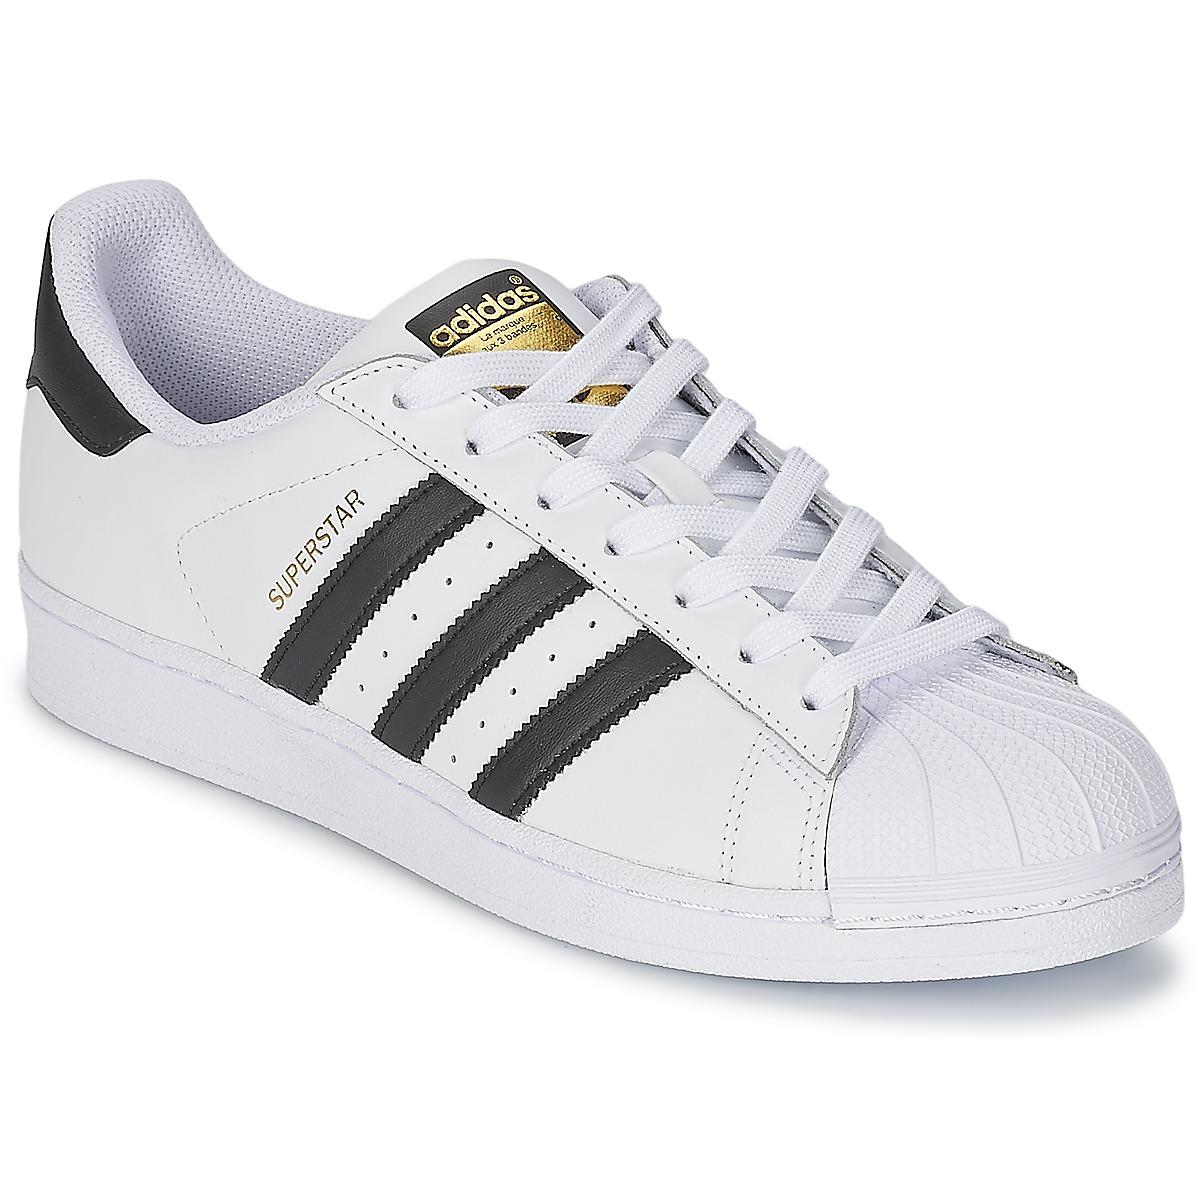 99547c2577 adidas Originals SUPERSTAR Fehér / Fekete - Ingyenes Kiszállítás |  SPARTOO.HU ! - Cipők Rövid szárú edzőcipők 29 163 Ft